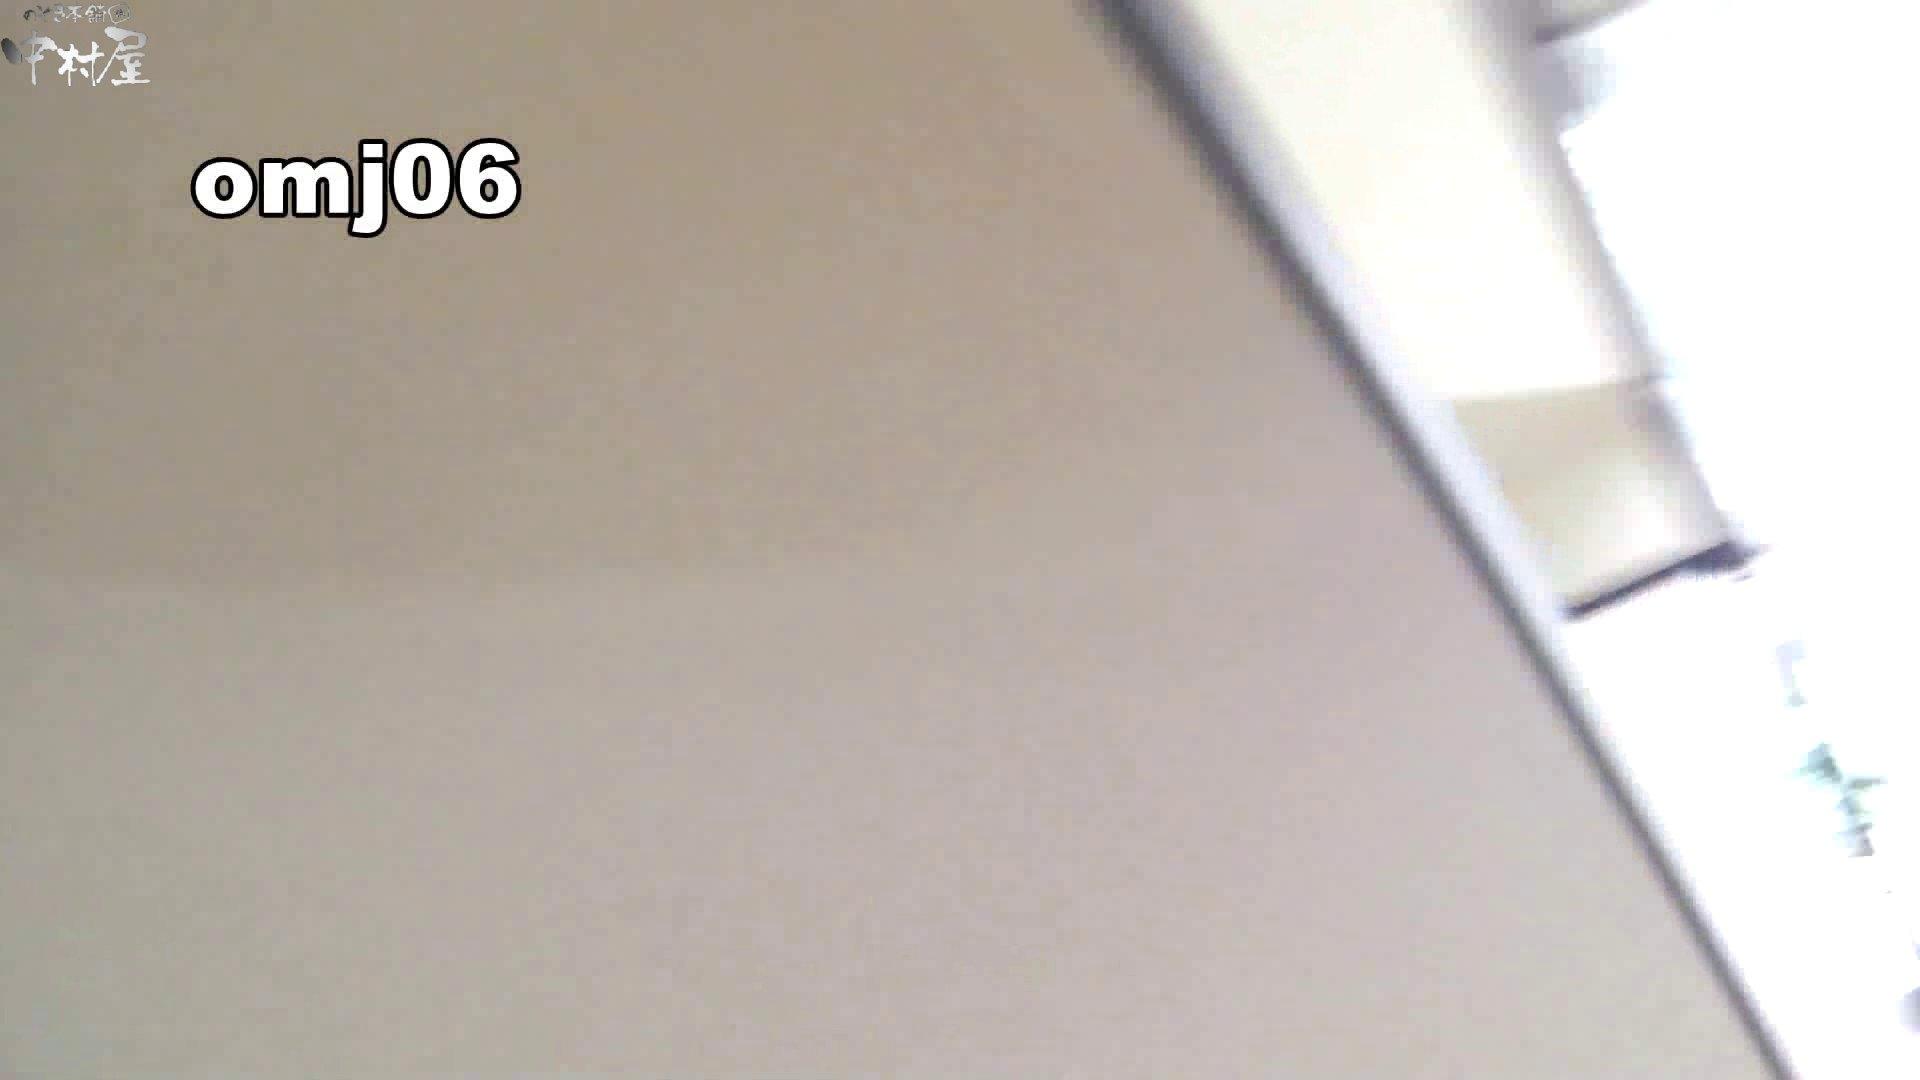 お市さんの「お尻丸出しジャンボリー」No.06 排泄 | 盗撮  48pic 11